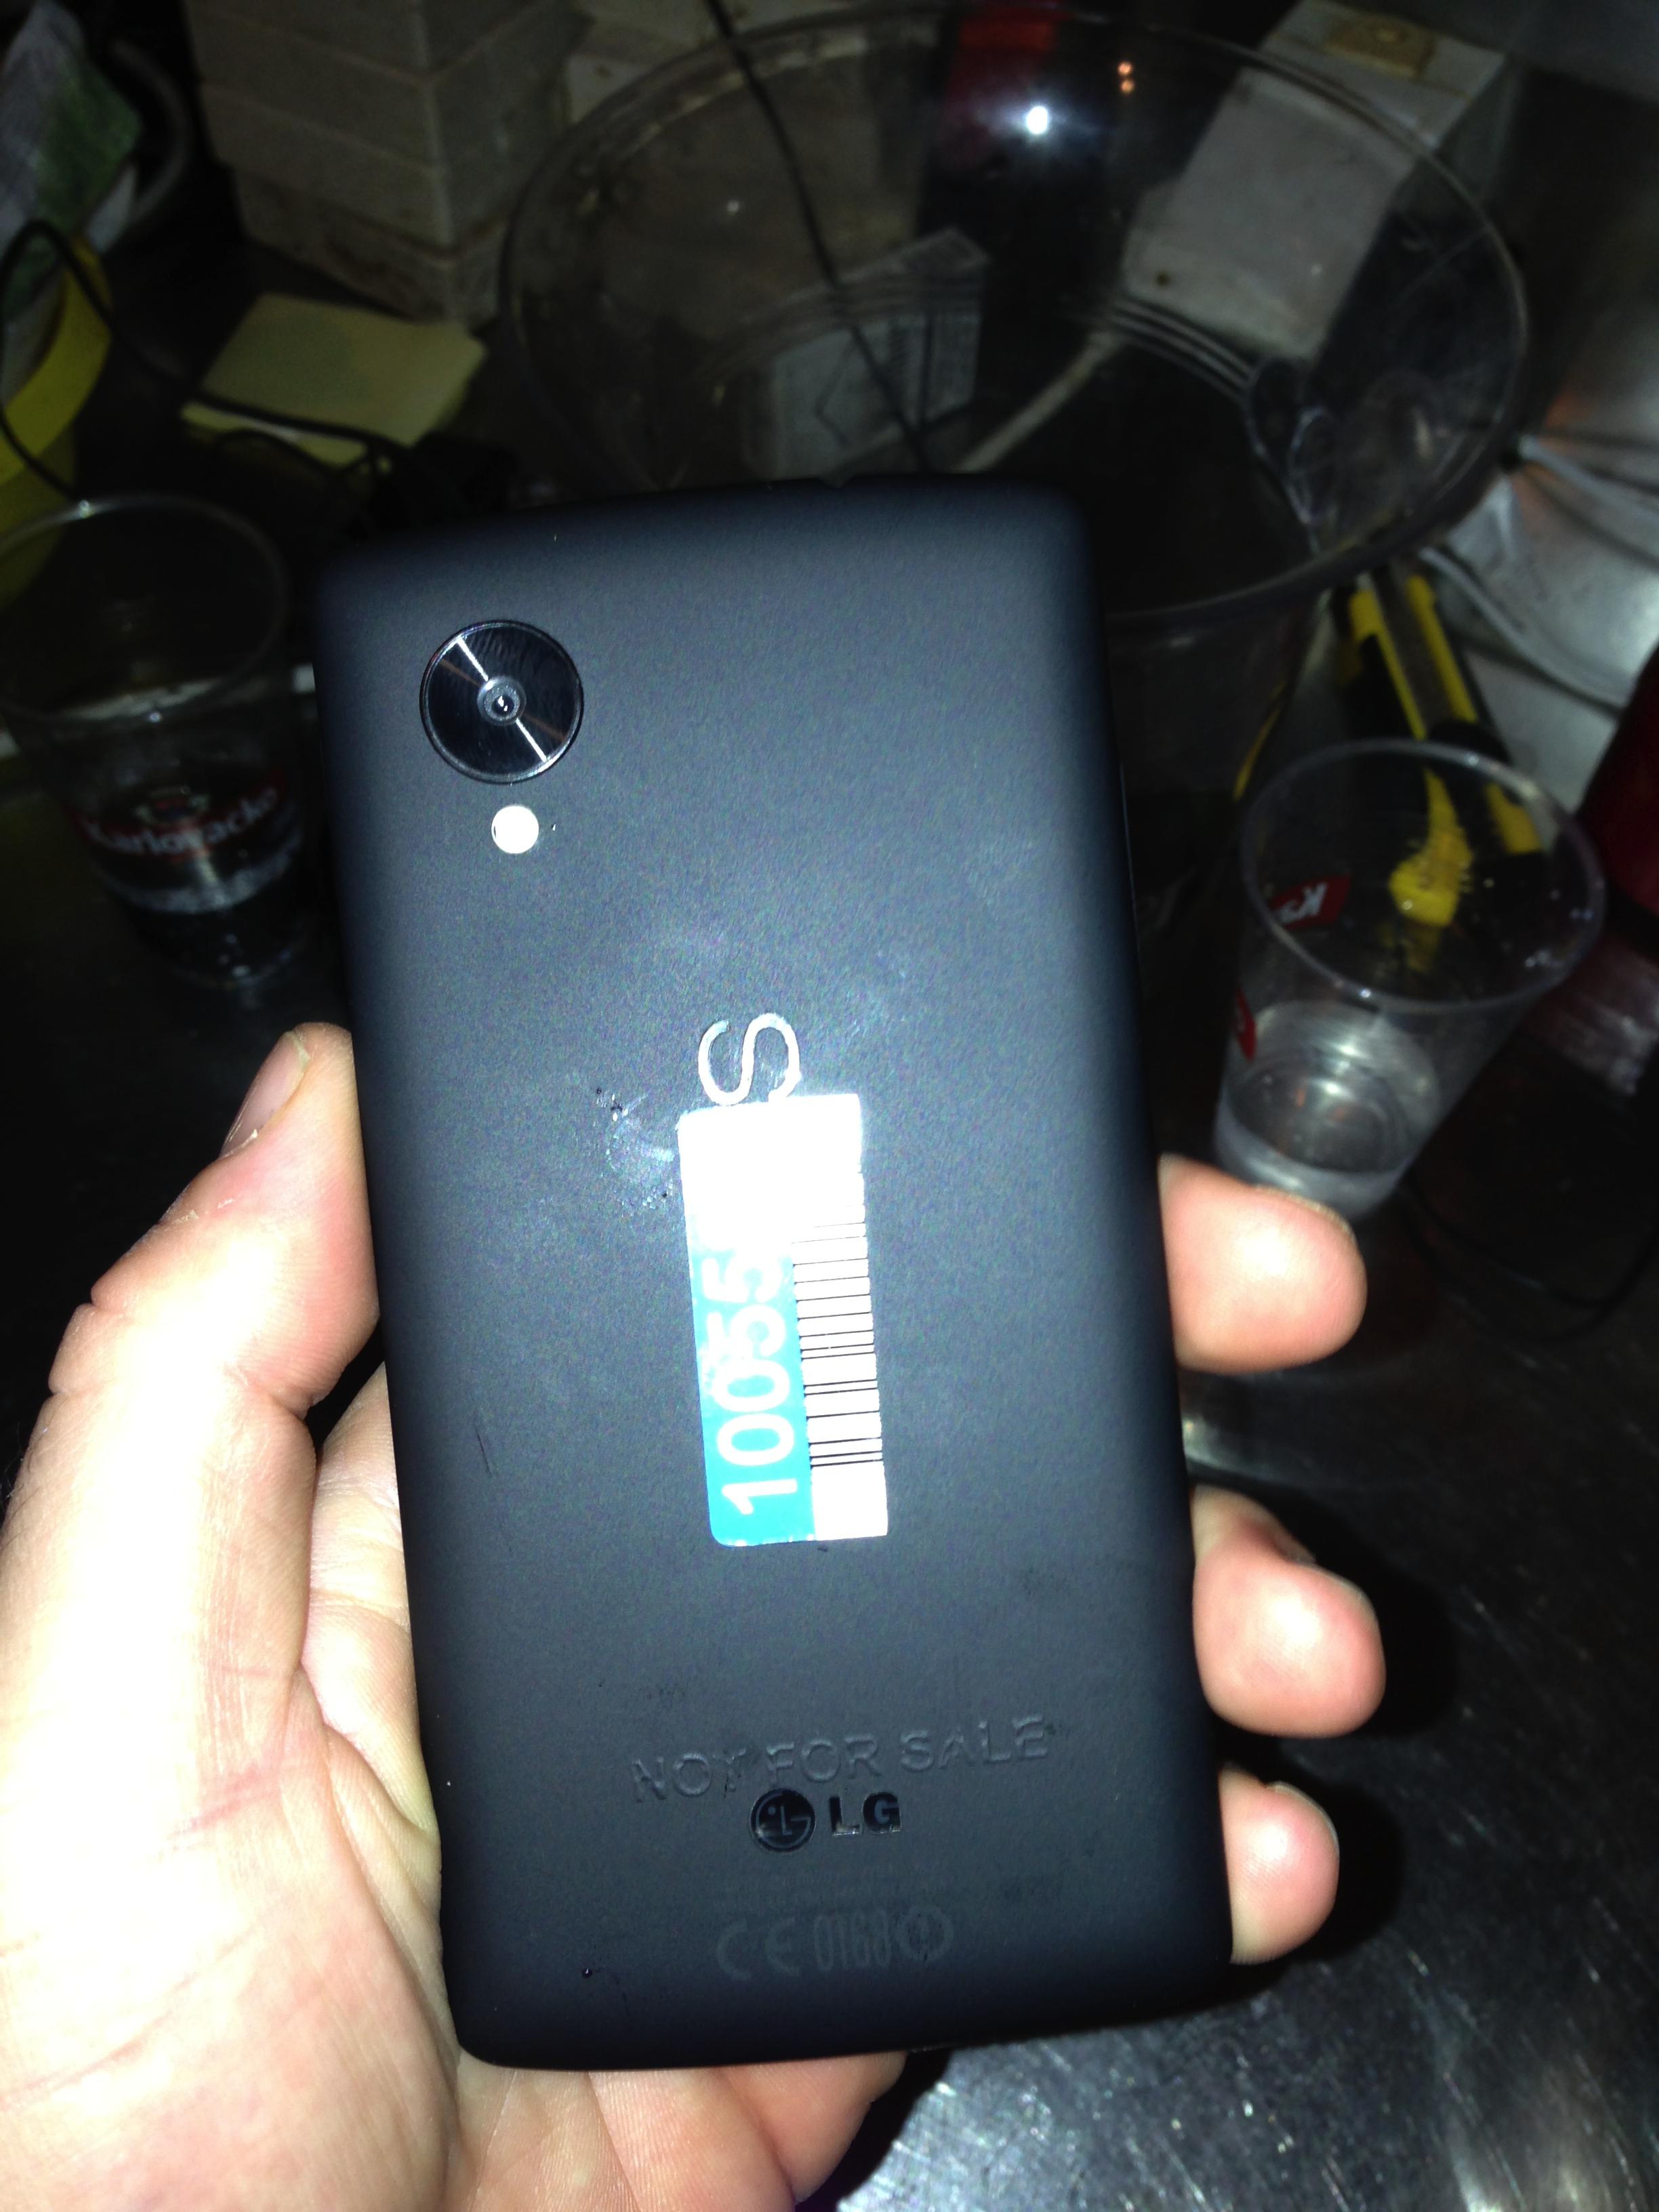 Detta kan visa baksidan av Nexus 5.